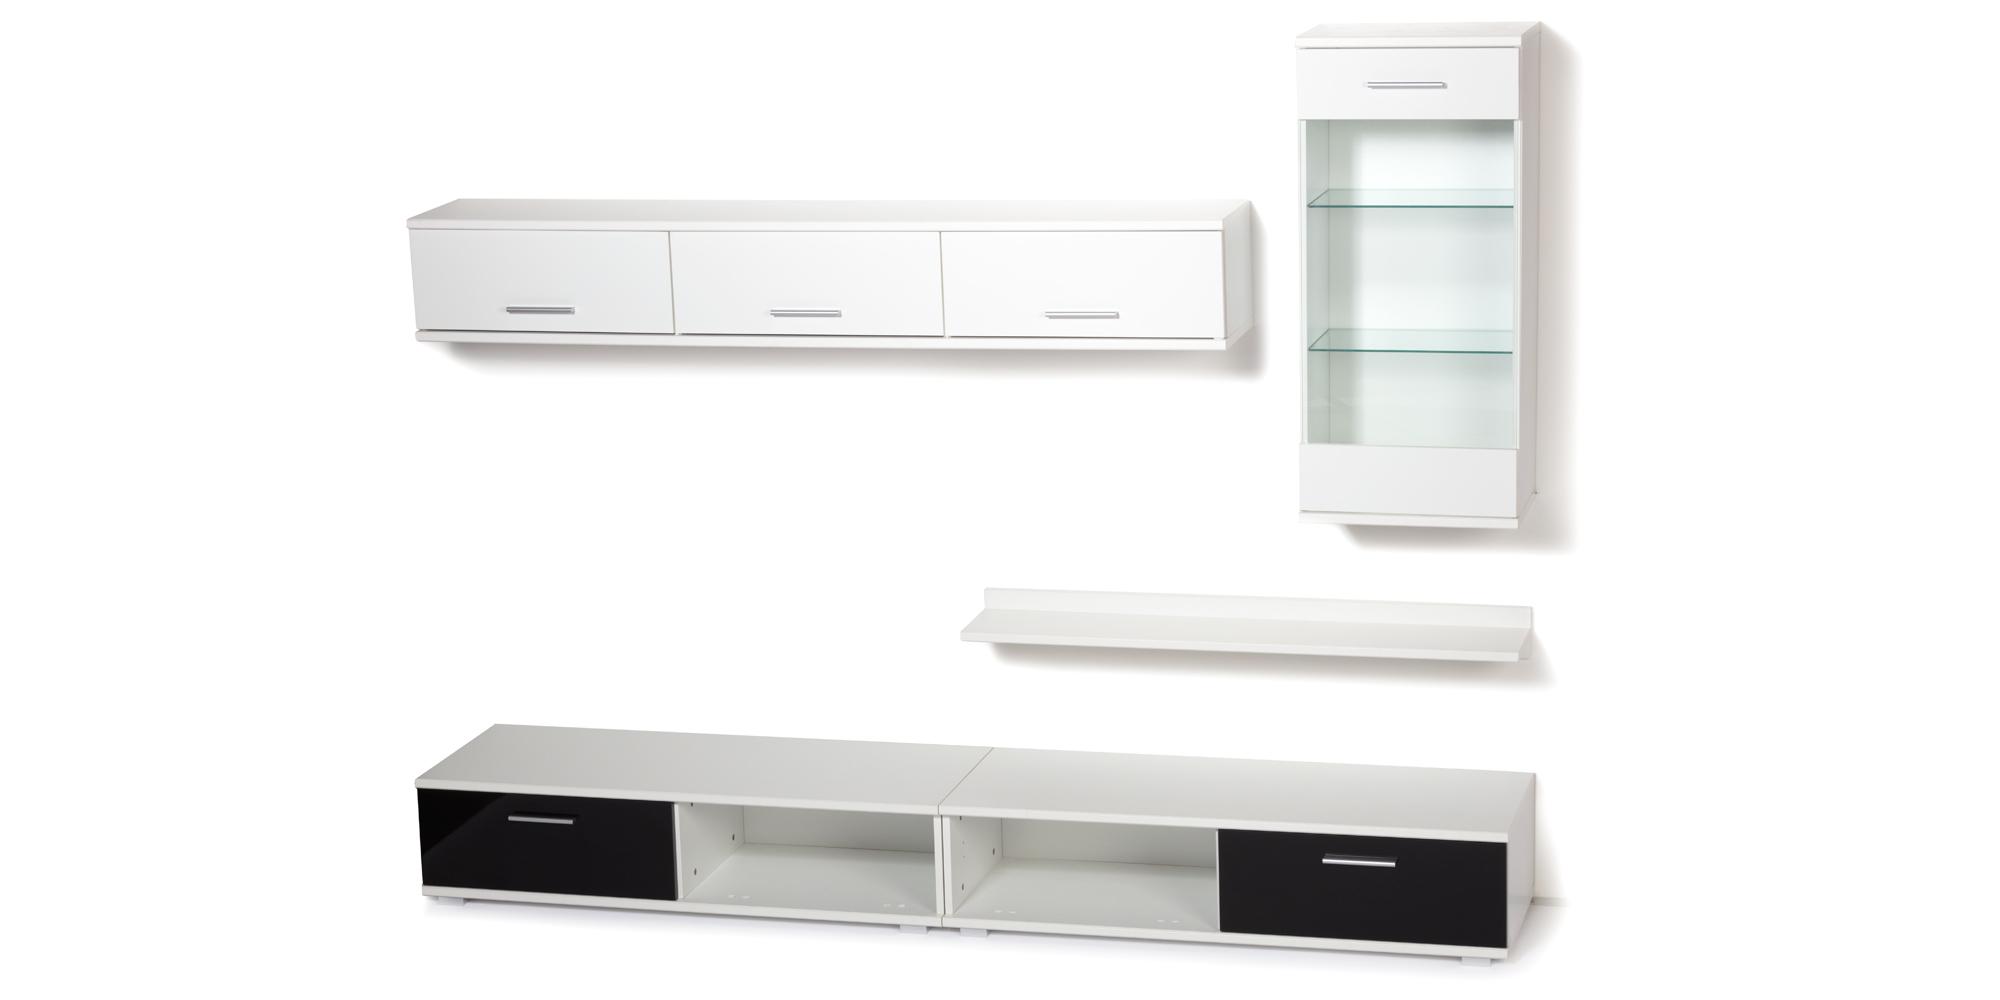 Obývací stěna TAHITI / MALIBU bílá/černá, cena za ks